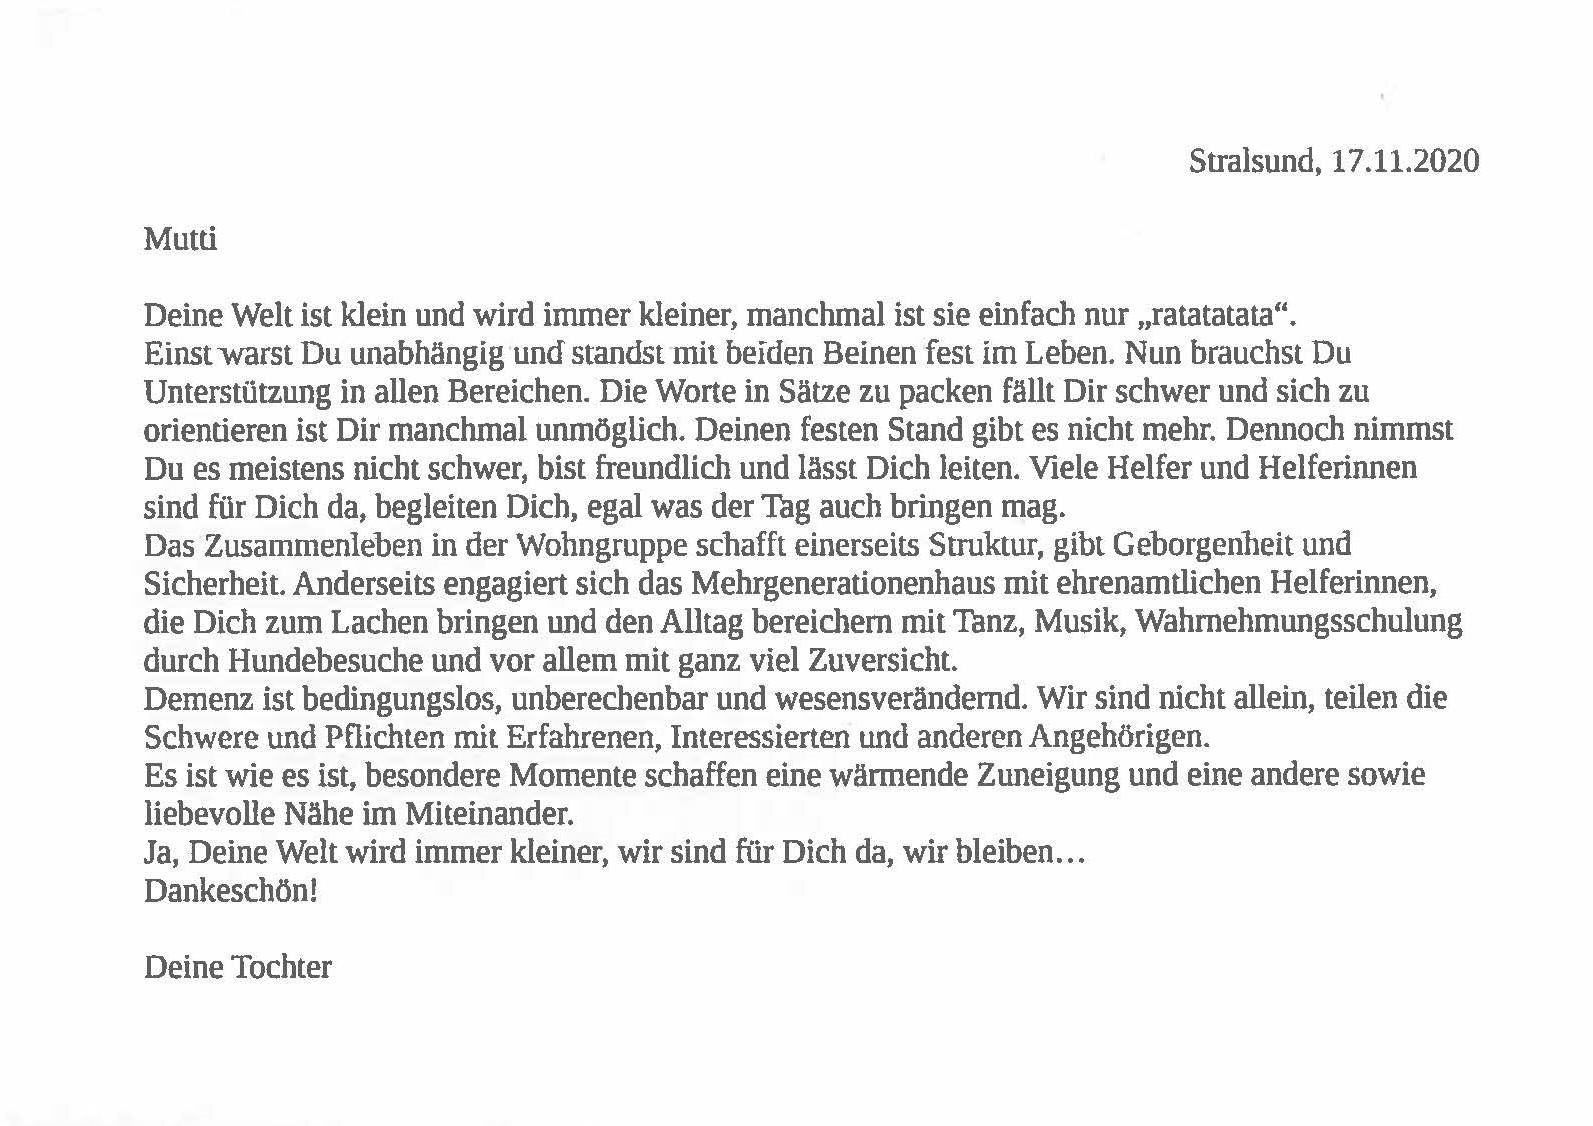 Stralsund_Brief einer Tochter